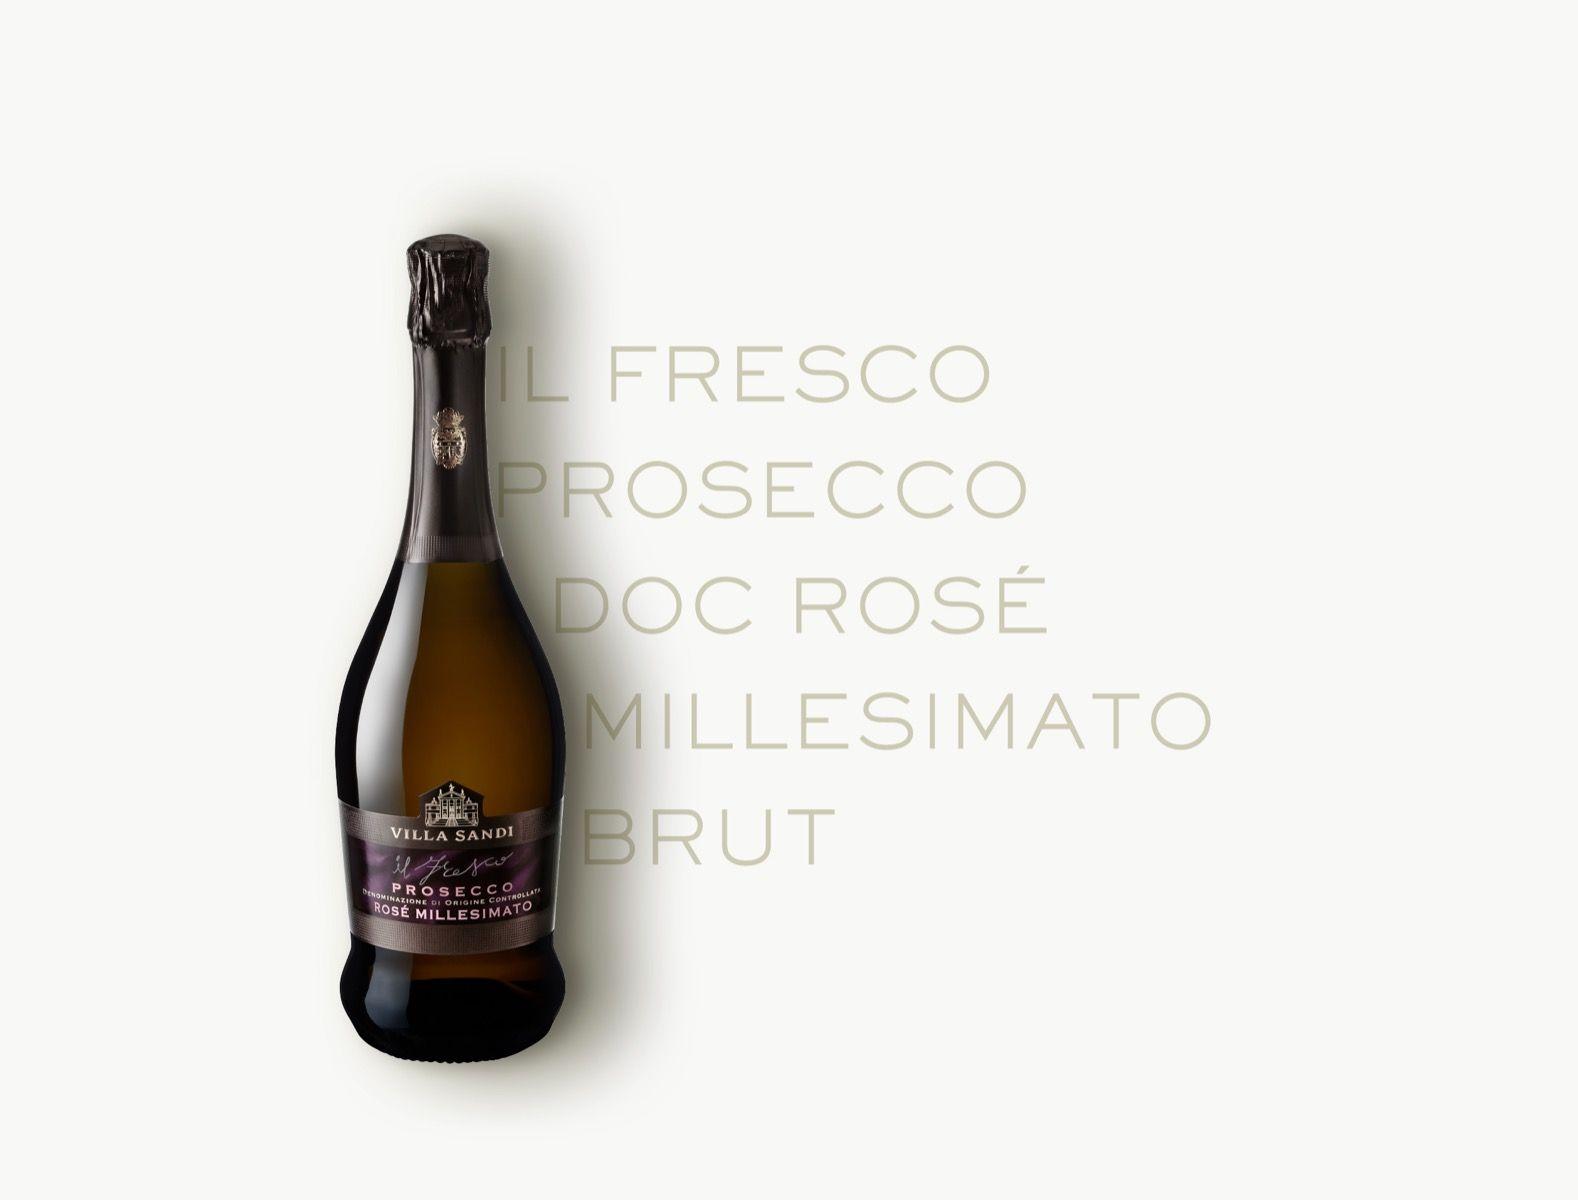 Il Fresco Prosecco DOC Rosé Millesimato Brut